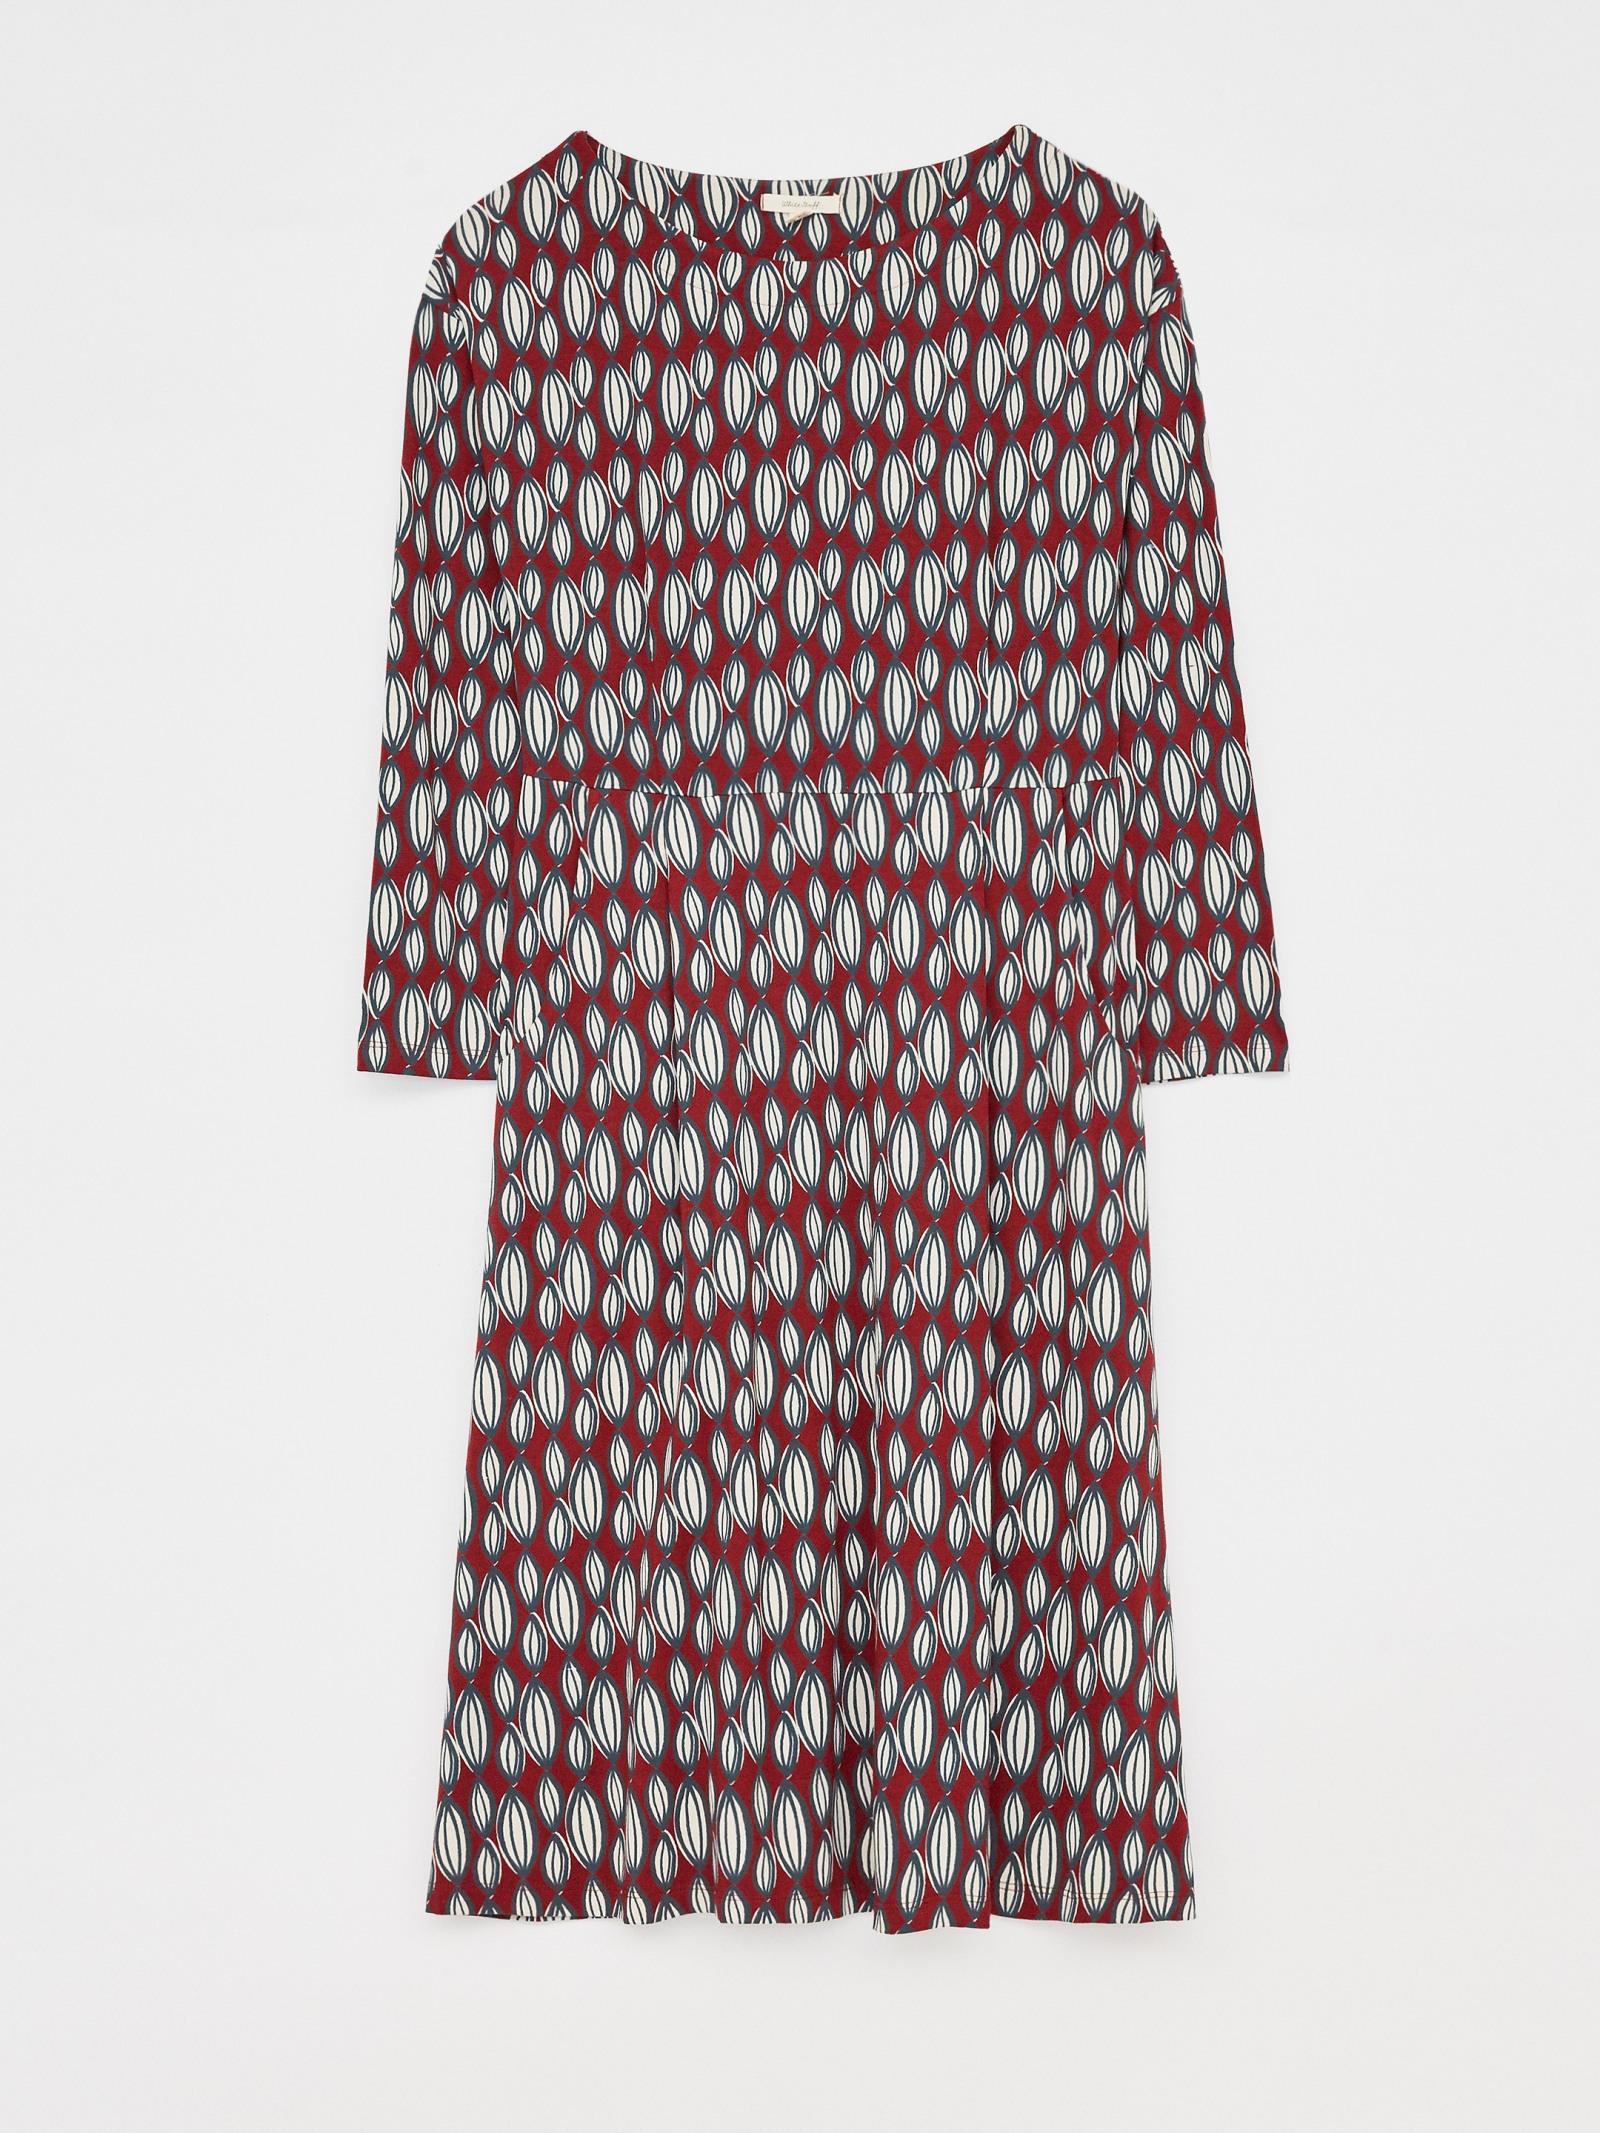 White Stuff Femmes caréner Robe Serene Cream UK 10 Neuf RRP £ 60 423328